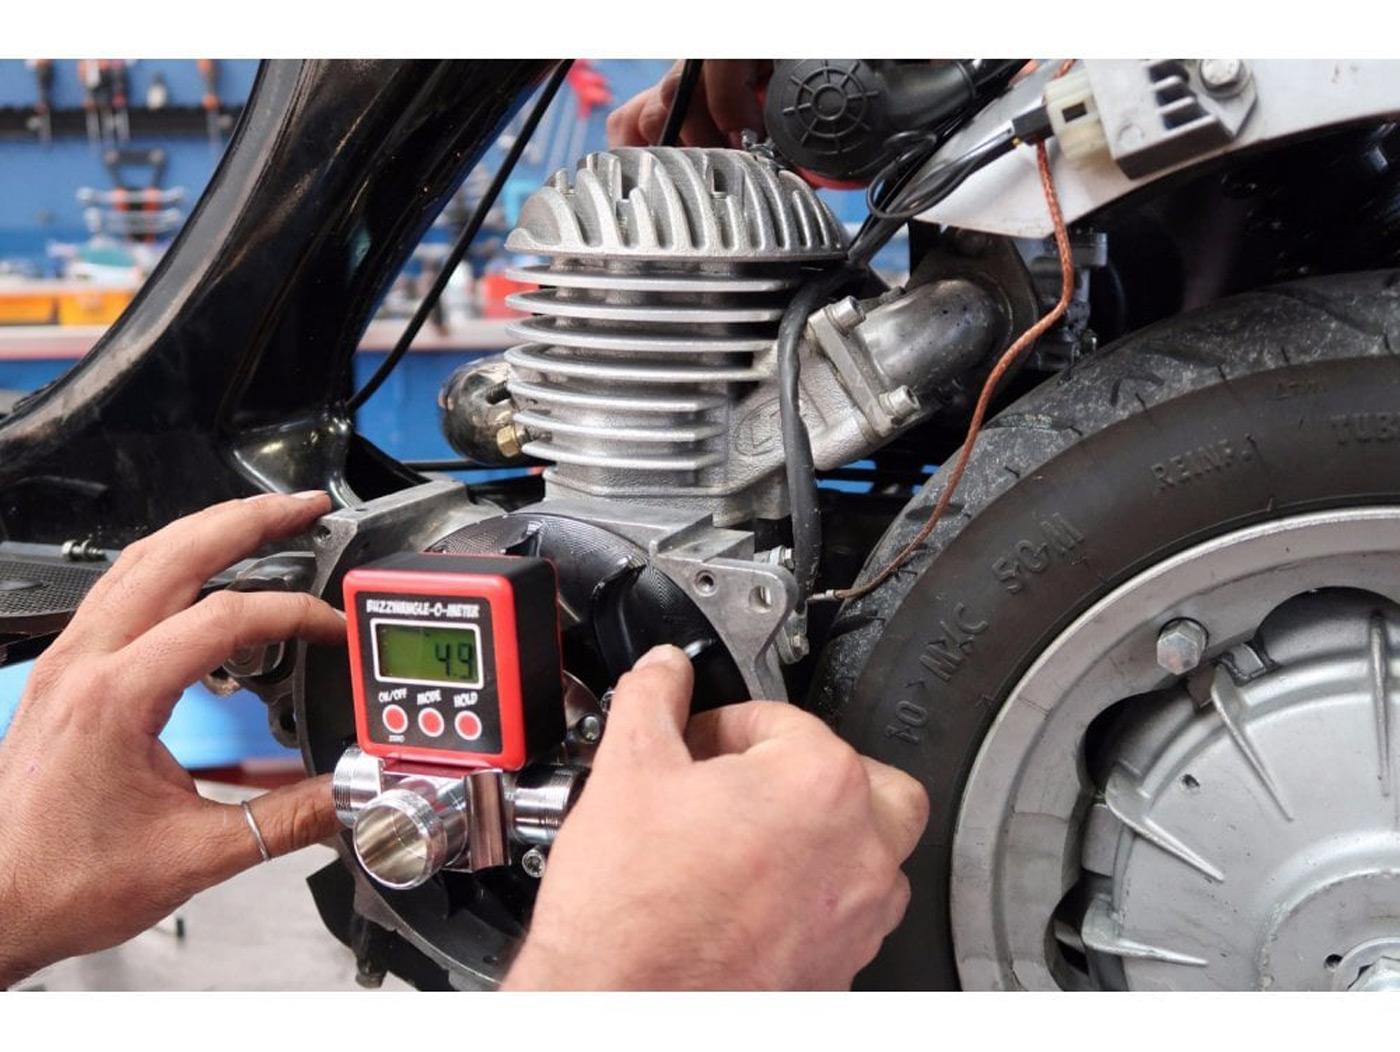 2-Takter: Vespa / Lambretta Zündung einstellen mit digitaler Gradscheibe